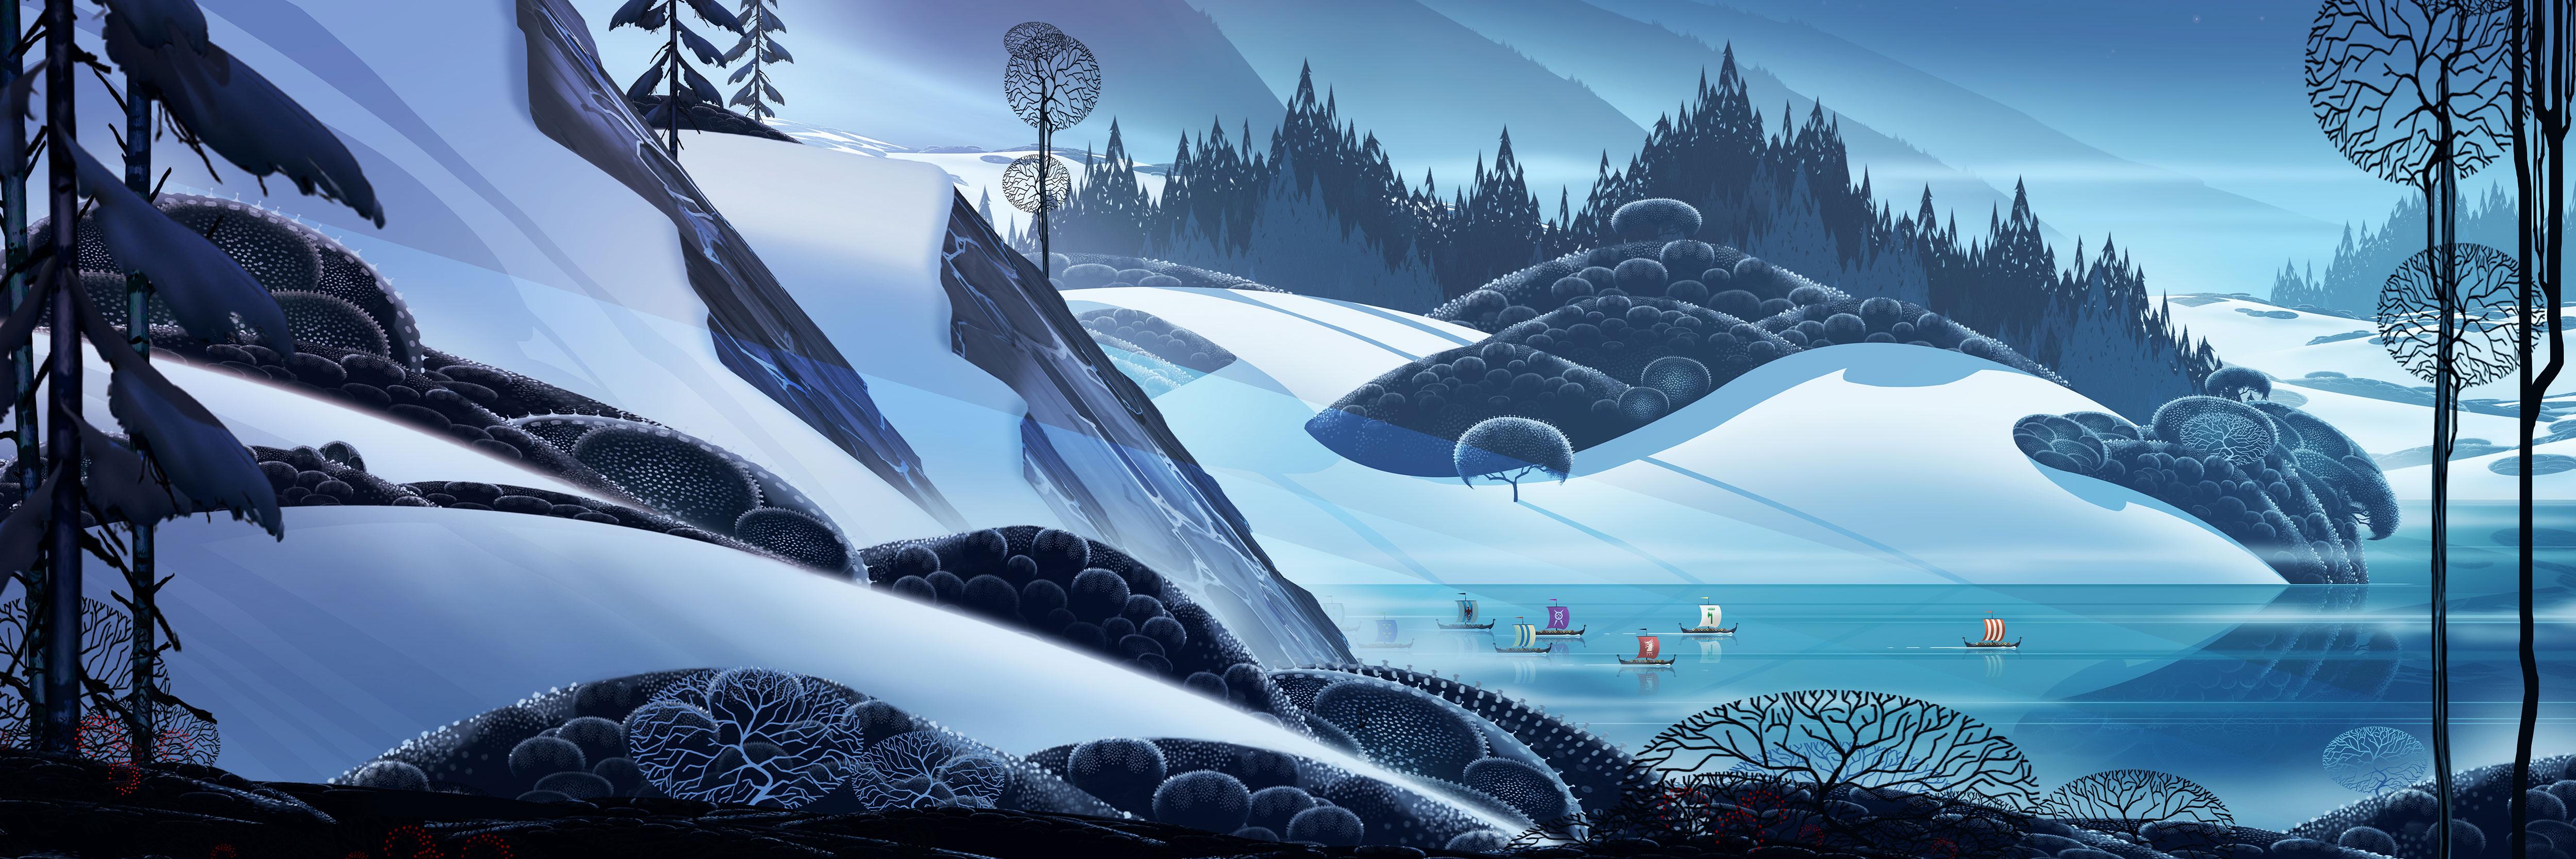 《旗帜传说》游戏原画欣赏